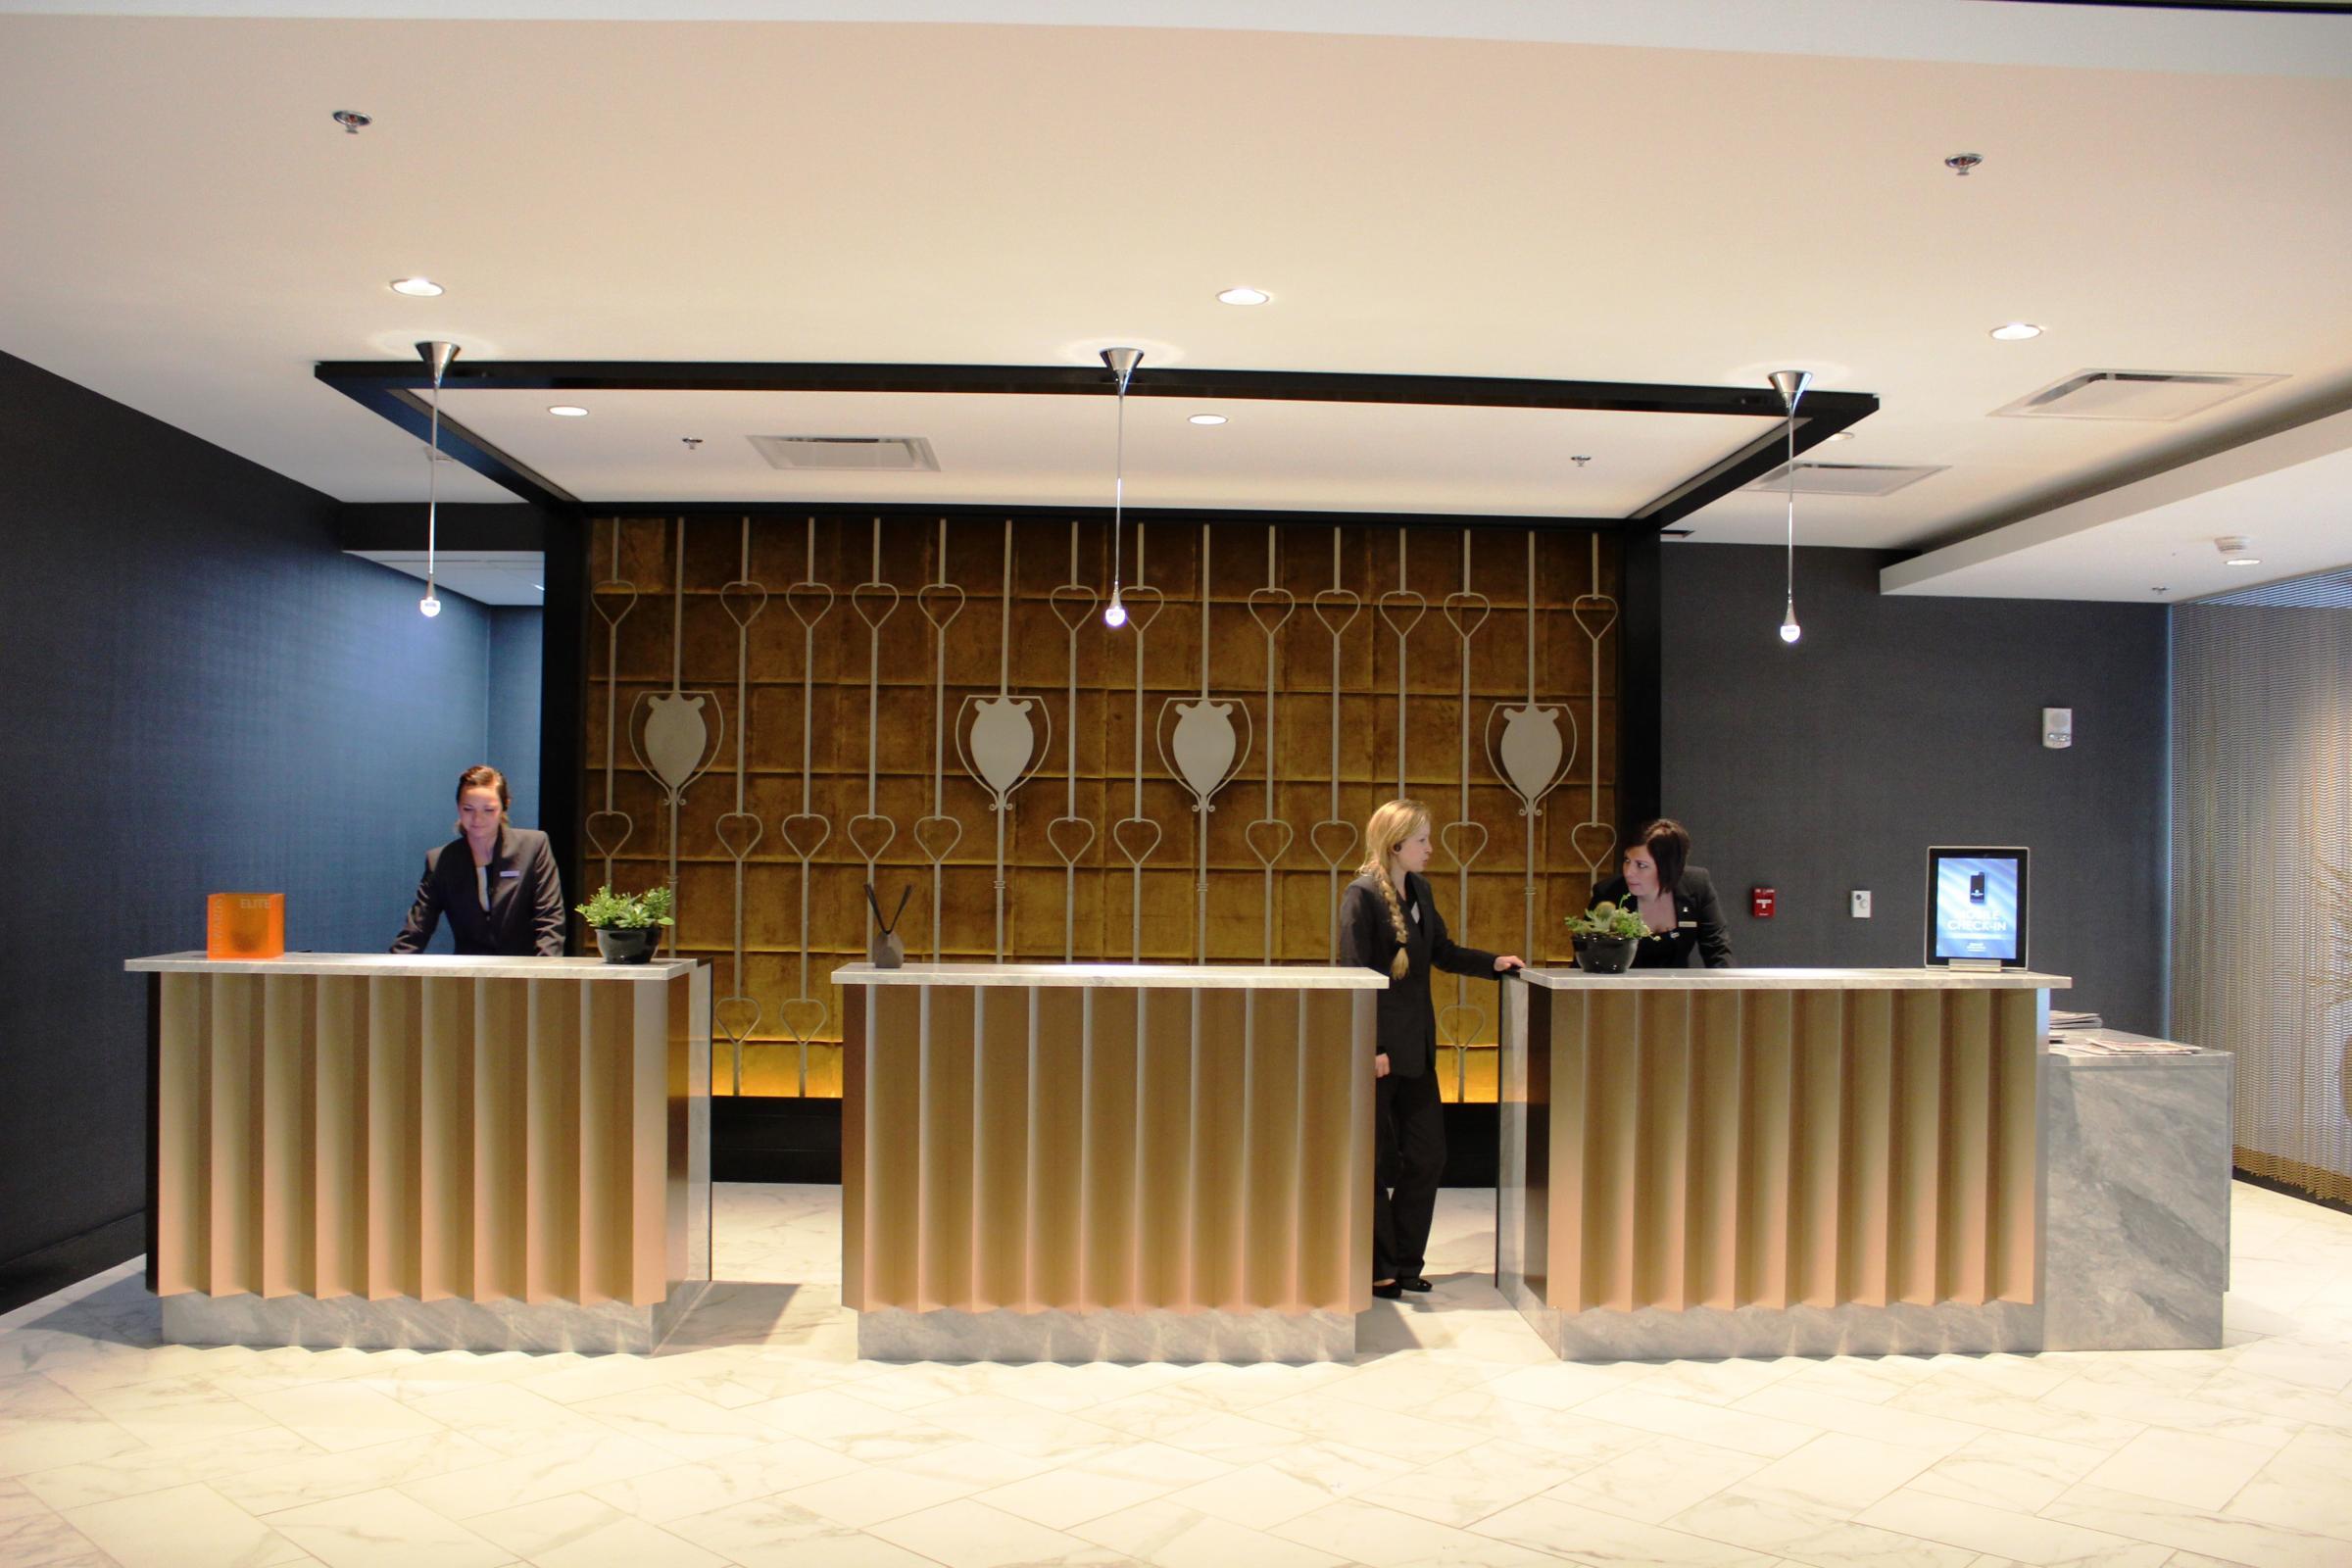 renaissance hotel renovation features building u0026 39 s historic